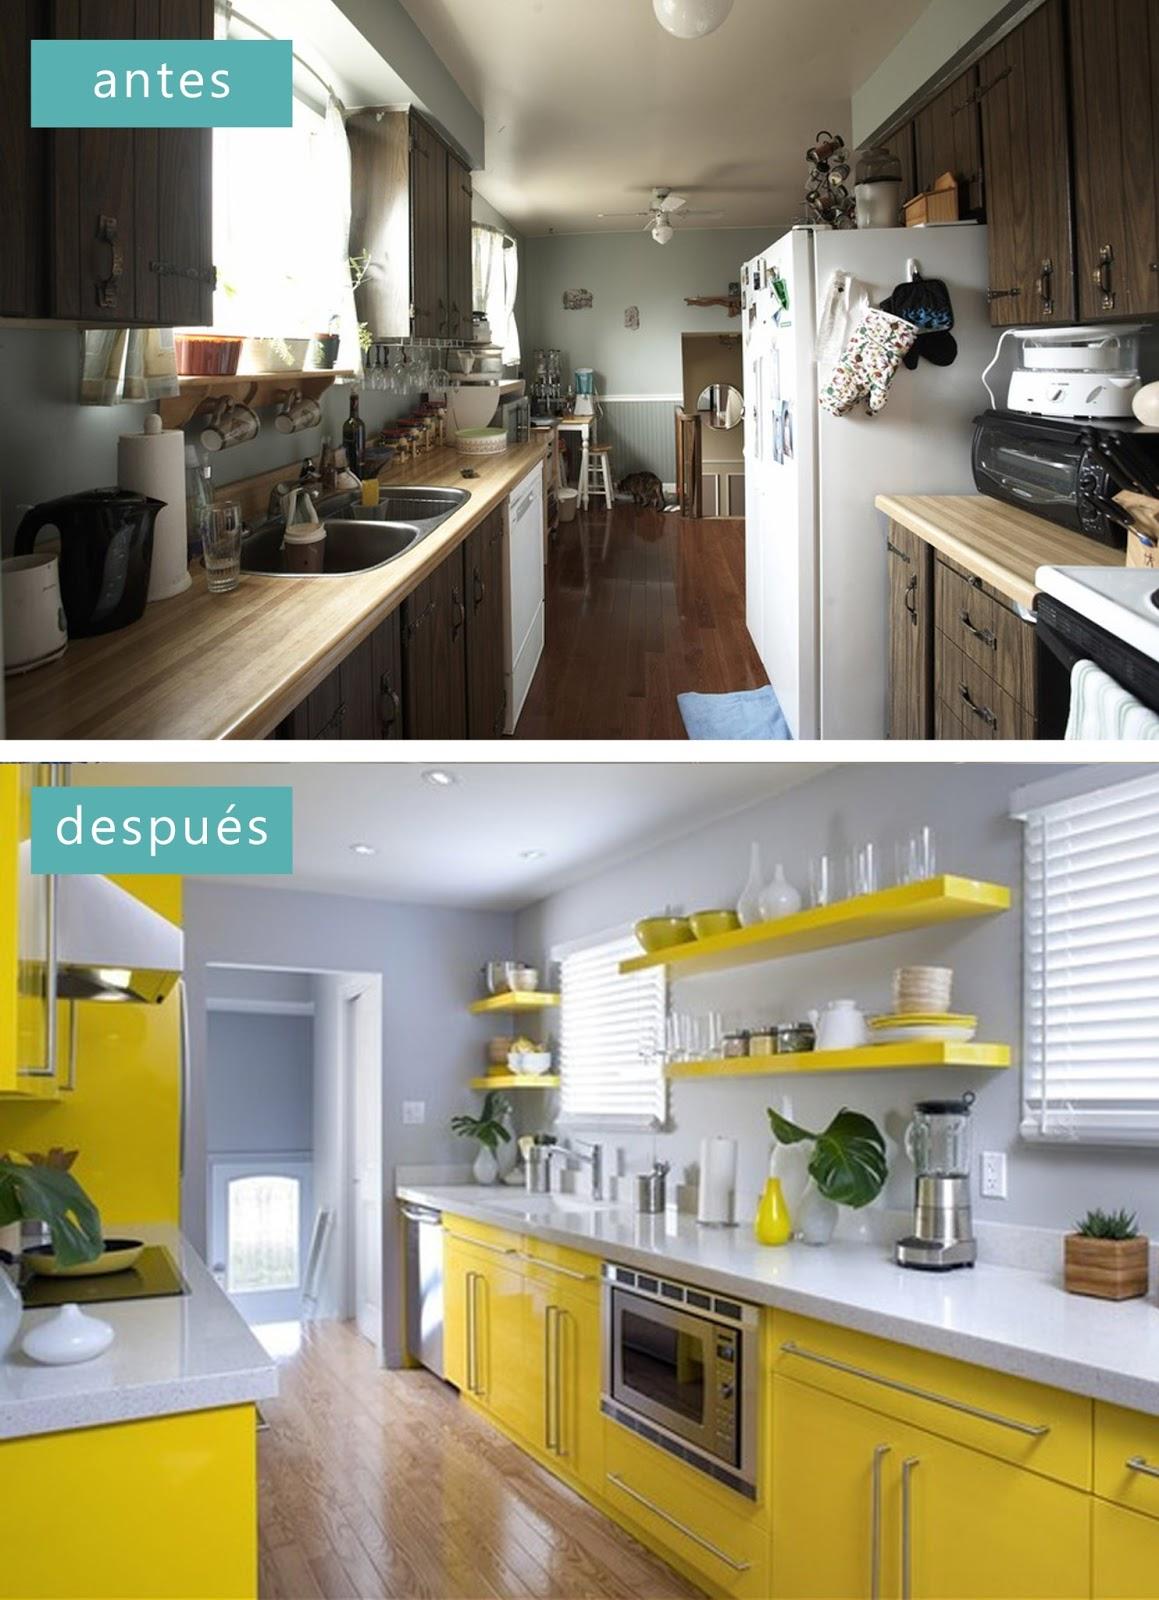 De una cocina apagada a una cocina llena de vida. Encimera blanca y